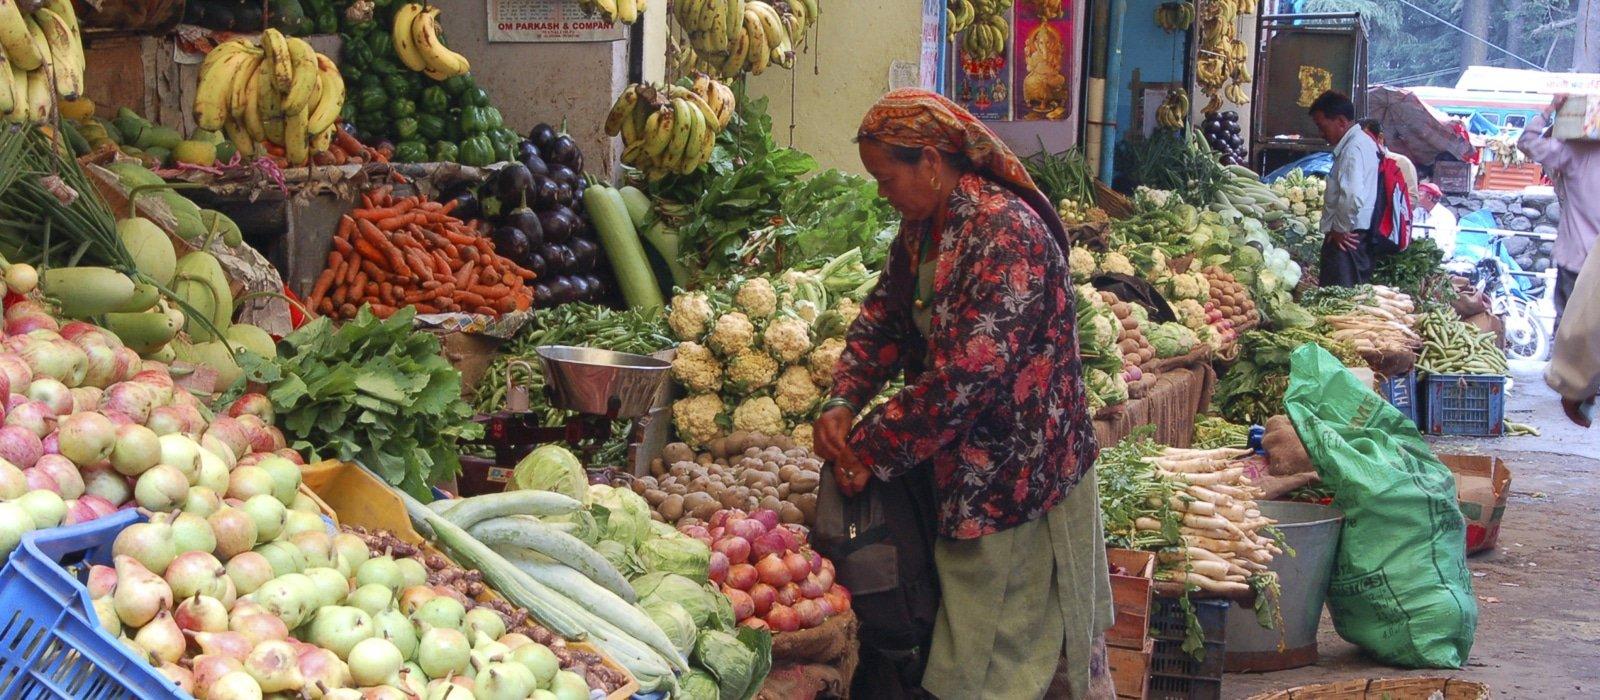 Voyage organisé sur mesure - Manali - Inde du nord - Agence de voyage Les Routes du Monde